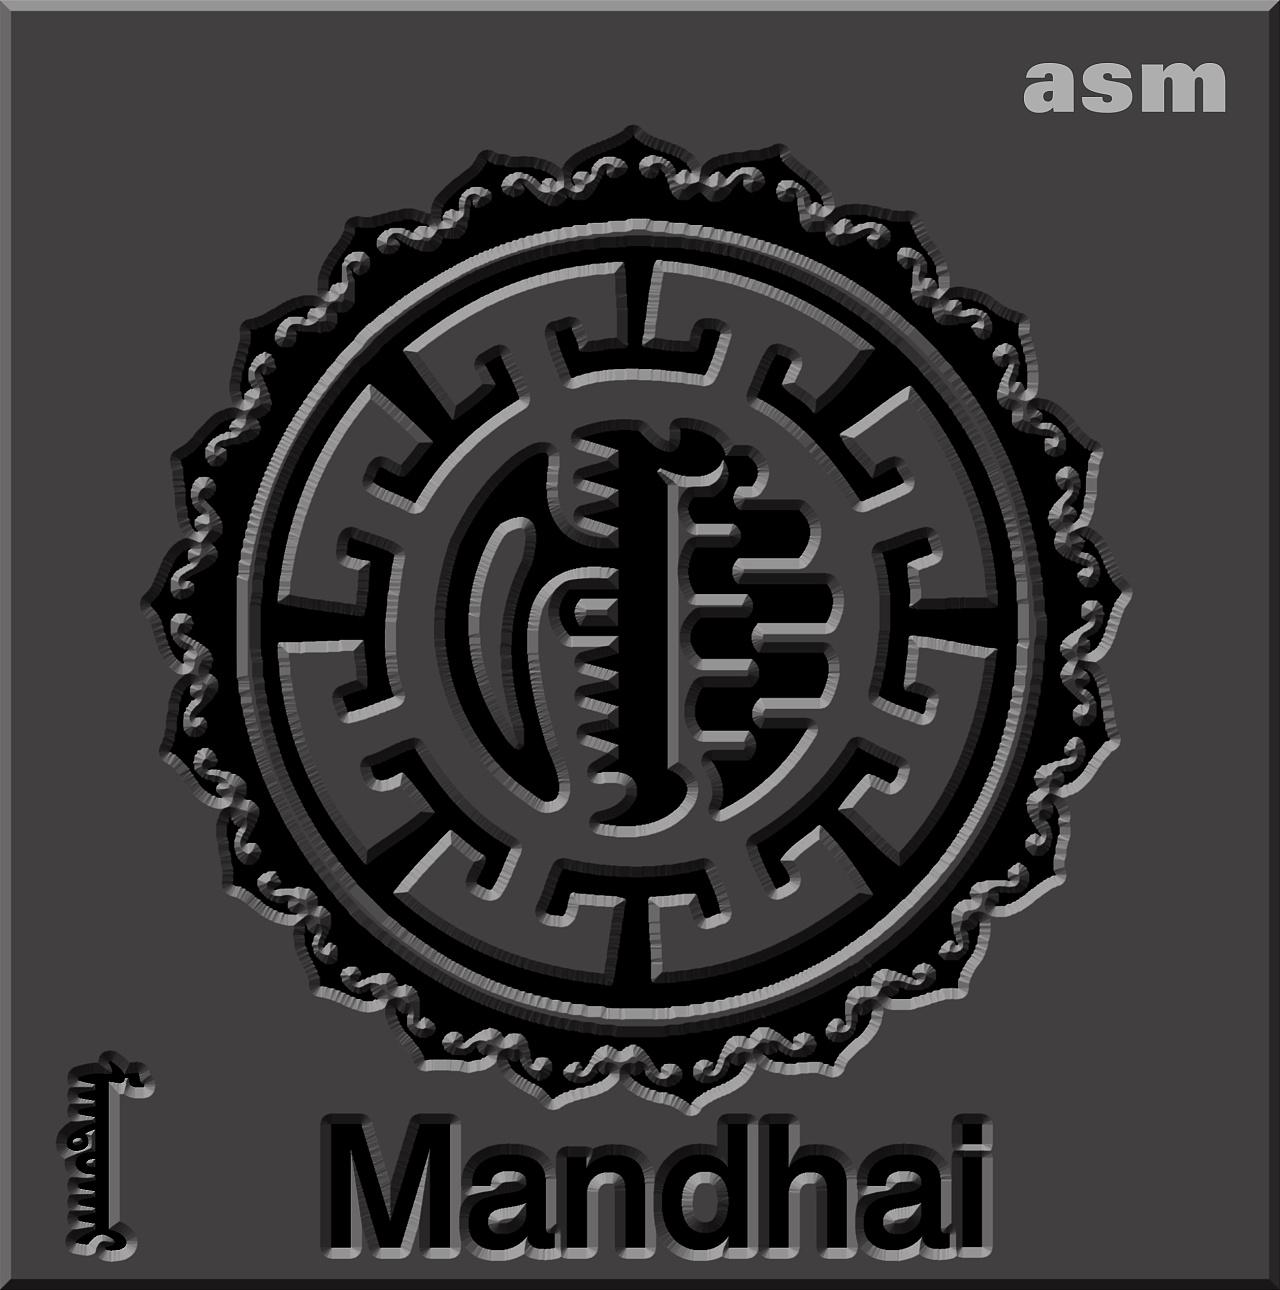 蒙古艺术文字3 -阿斯玛设计 第5张 蒙古艺术文字3 -阿斯玛设计 蒙古设计